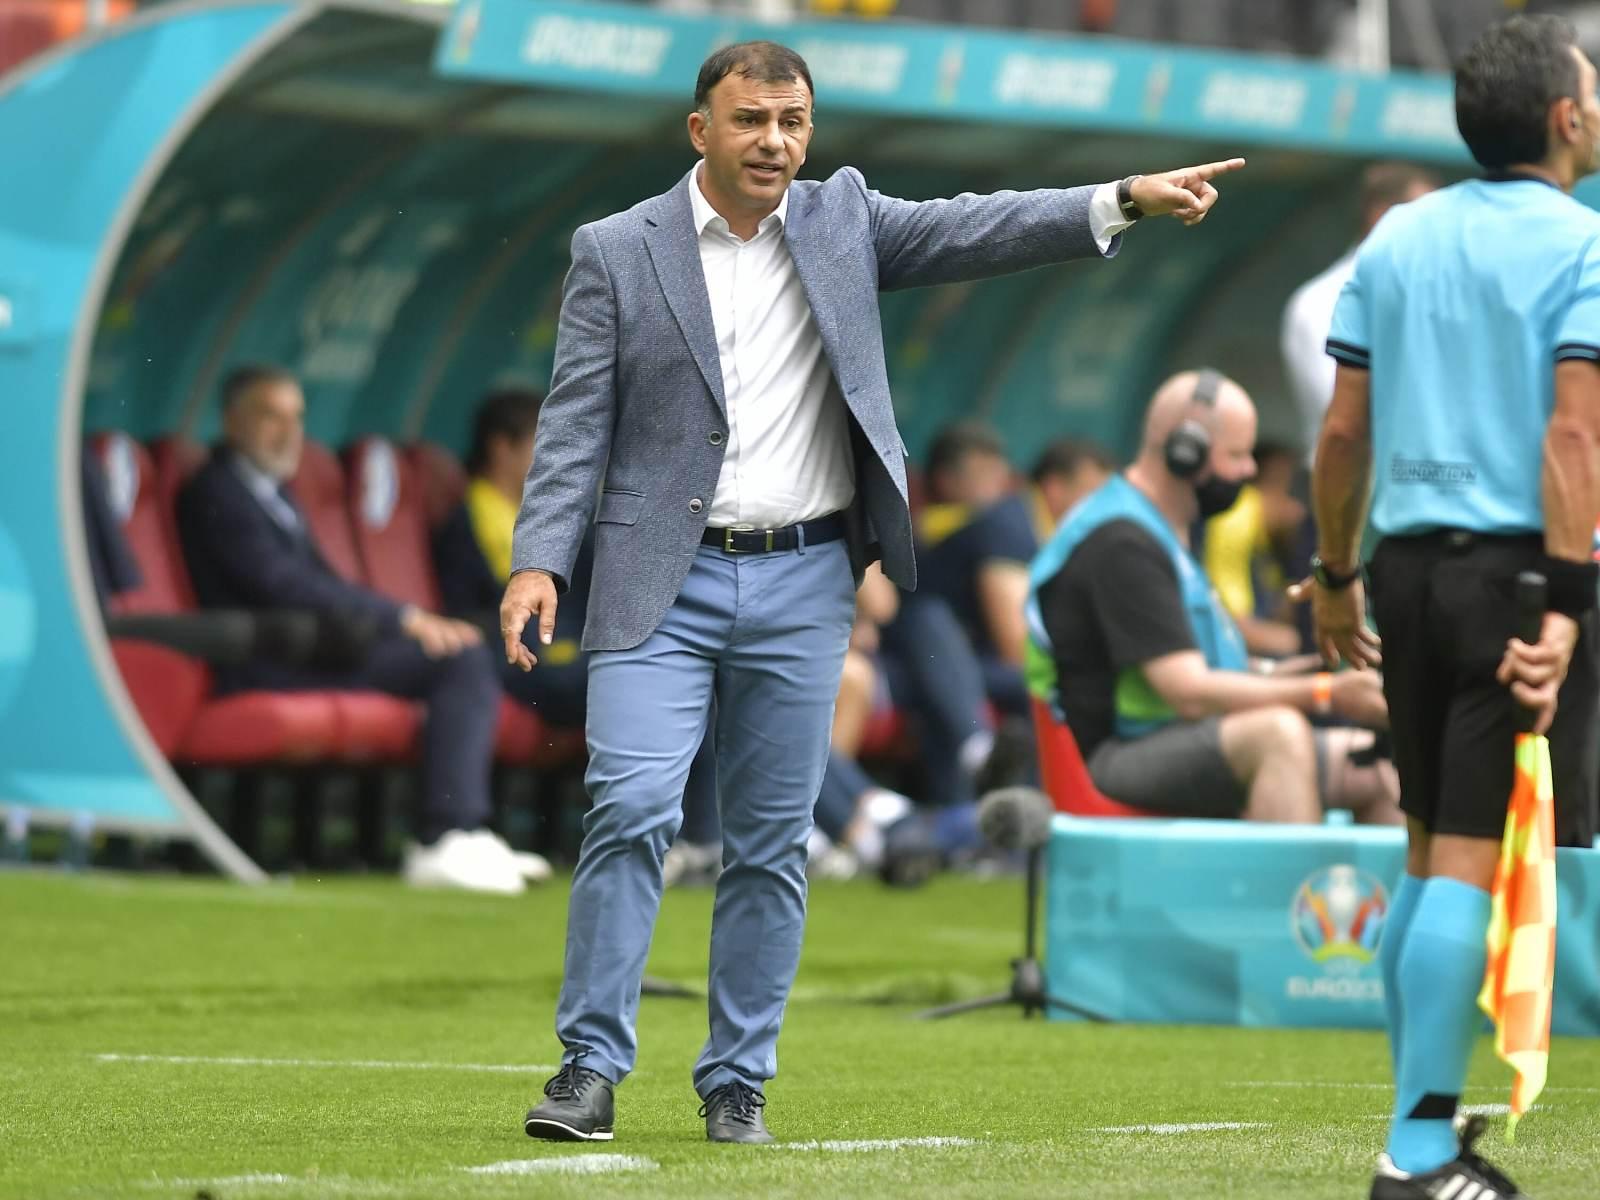 Главный тренер Северной Македонии: «Для меня было честью возглавлять эту команду на таком турнире»